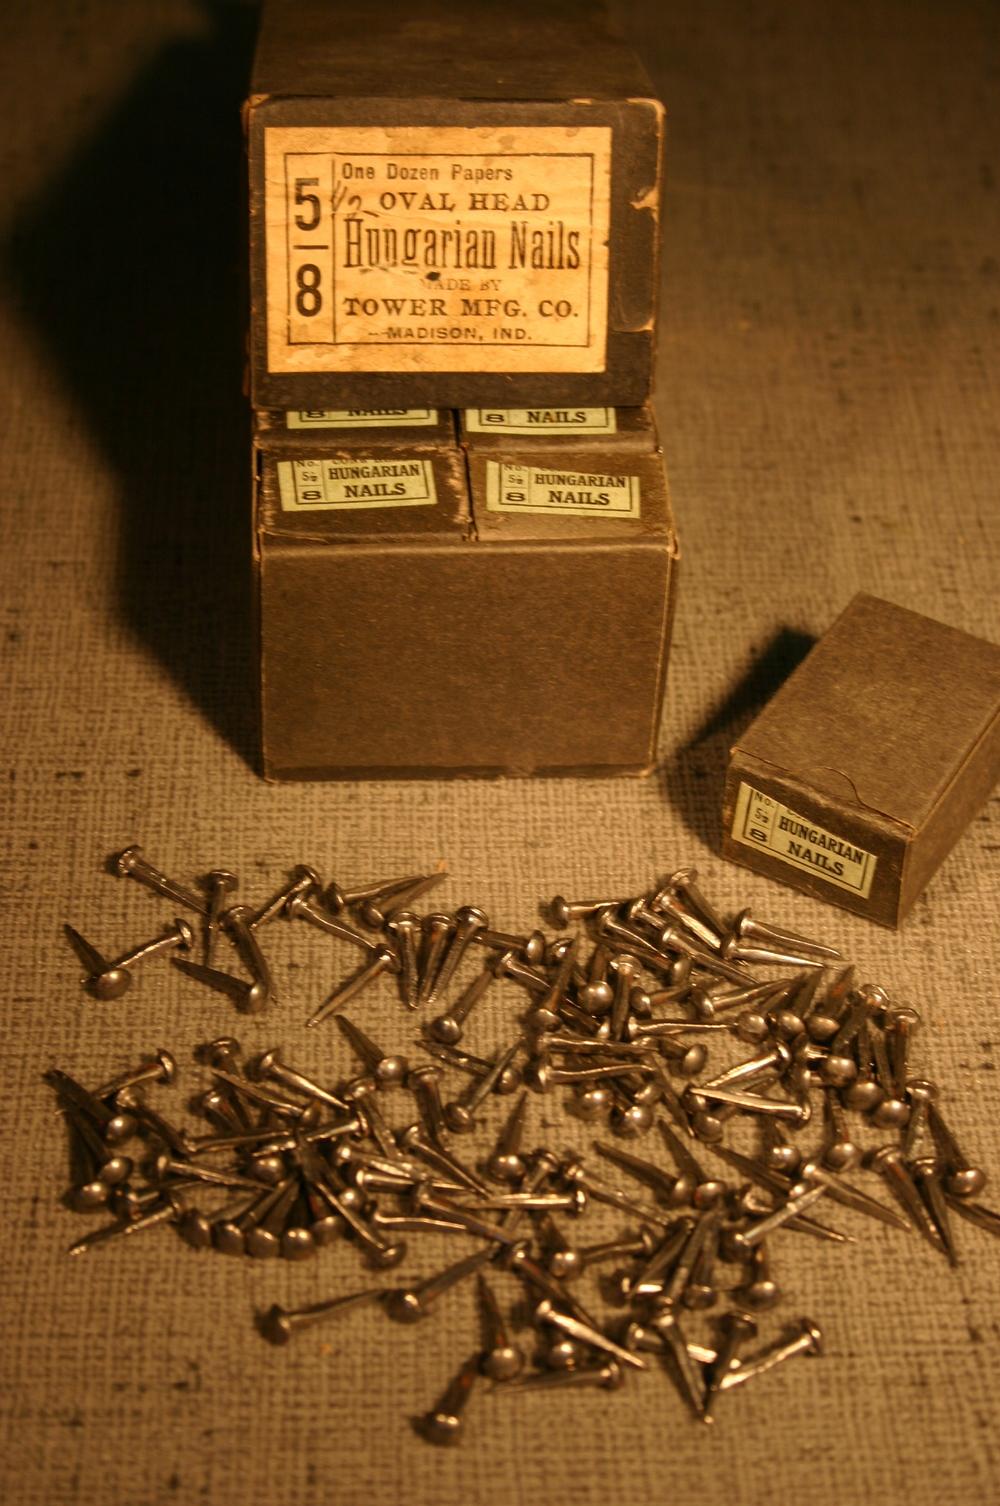 Hungarian Nails